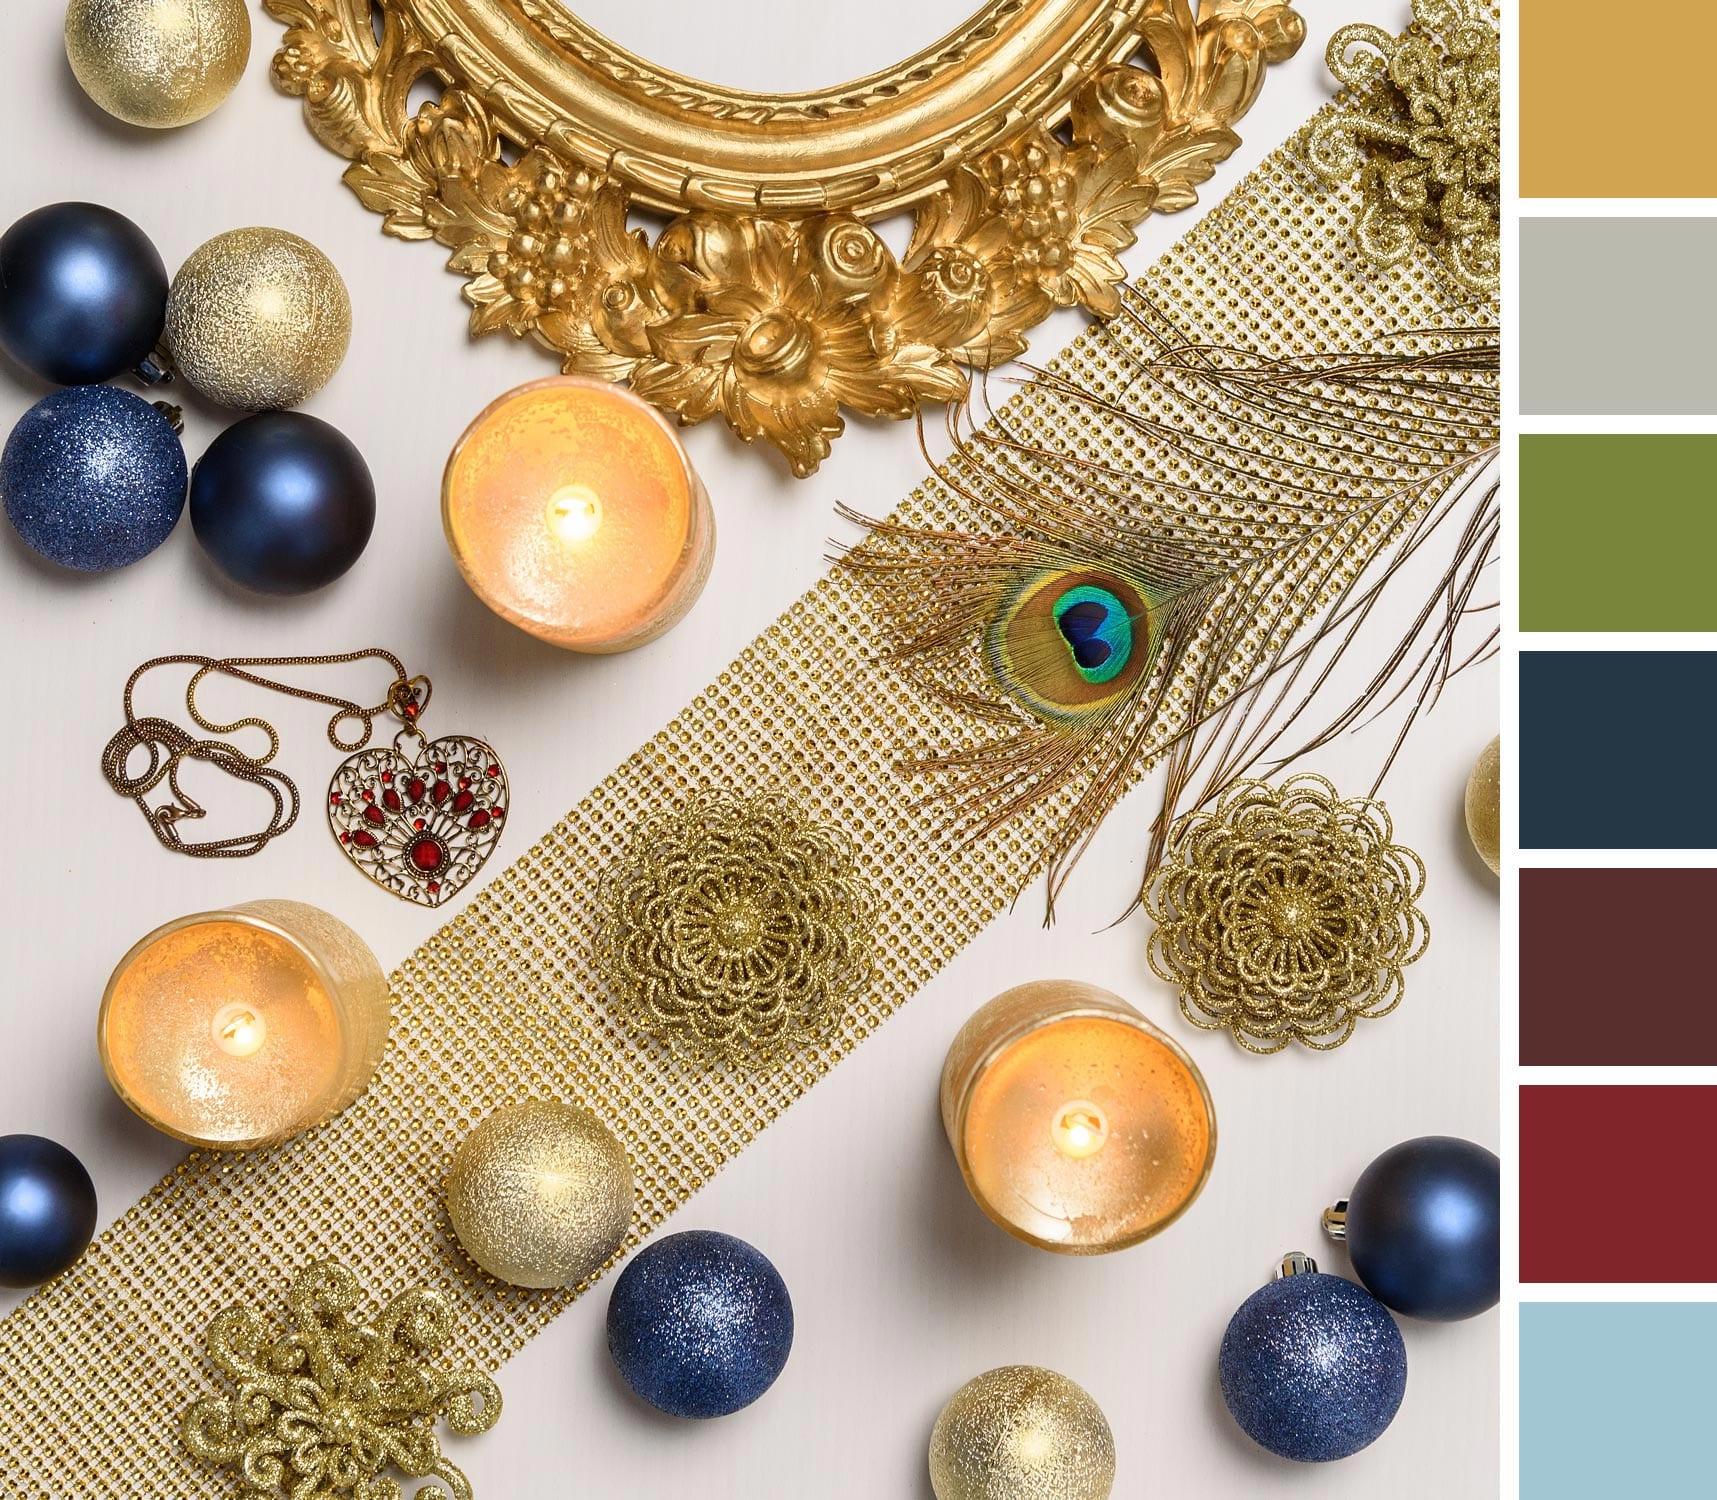 Stile Barocco per le decorazioni di Natale 2018